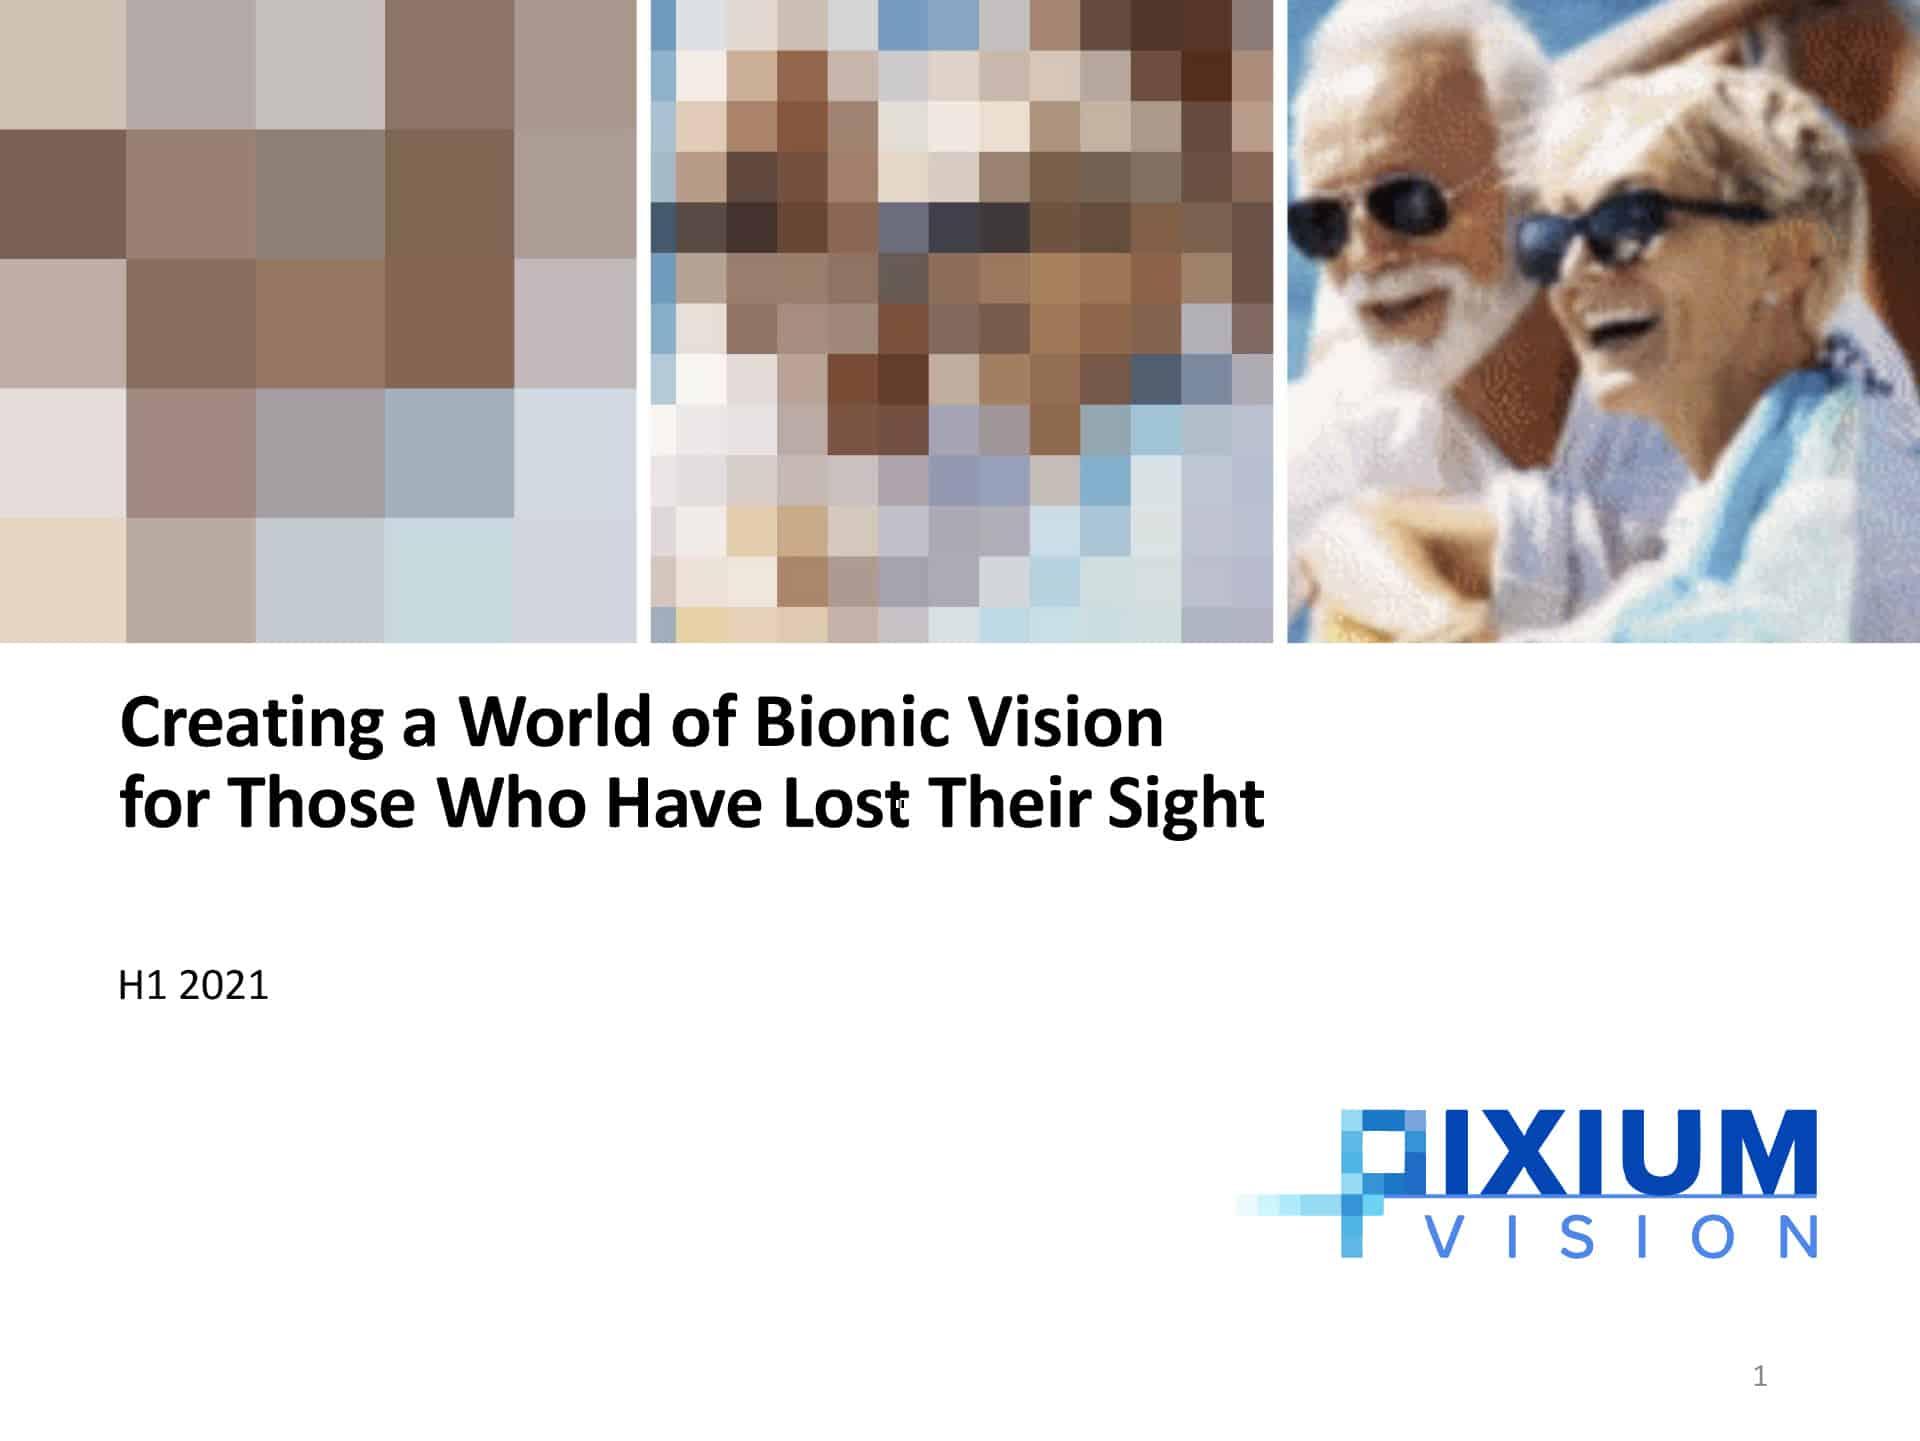 2021_H1_Pixium_Vision_Corporate_Presentation